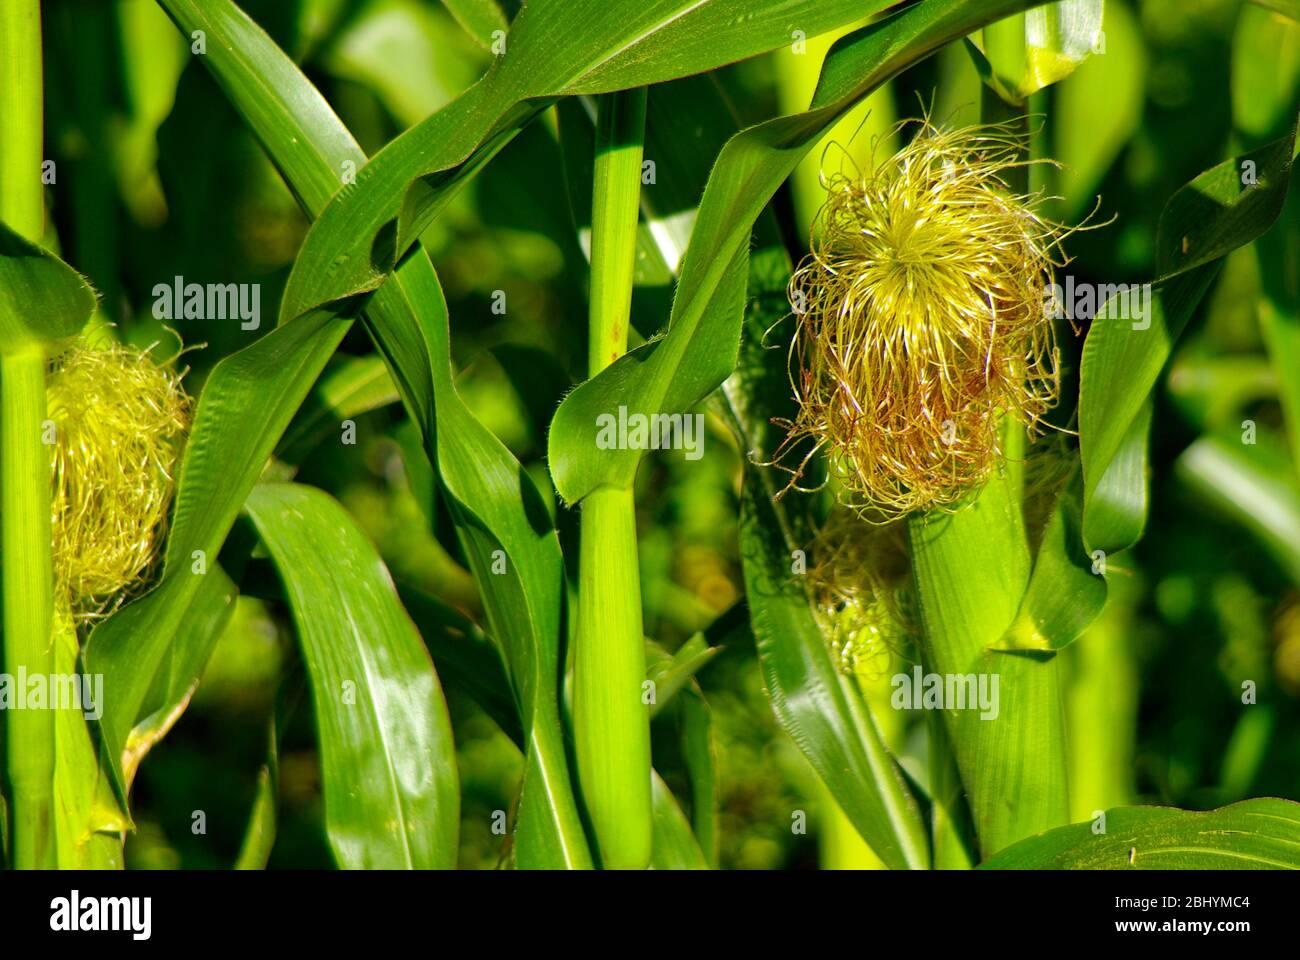 Reifung von Maispflanzen im Sommer. Stockfoto